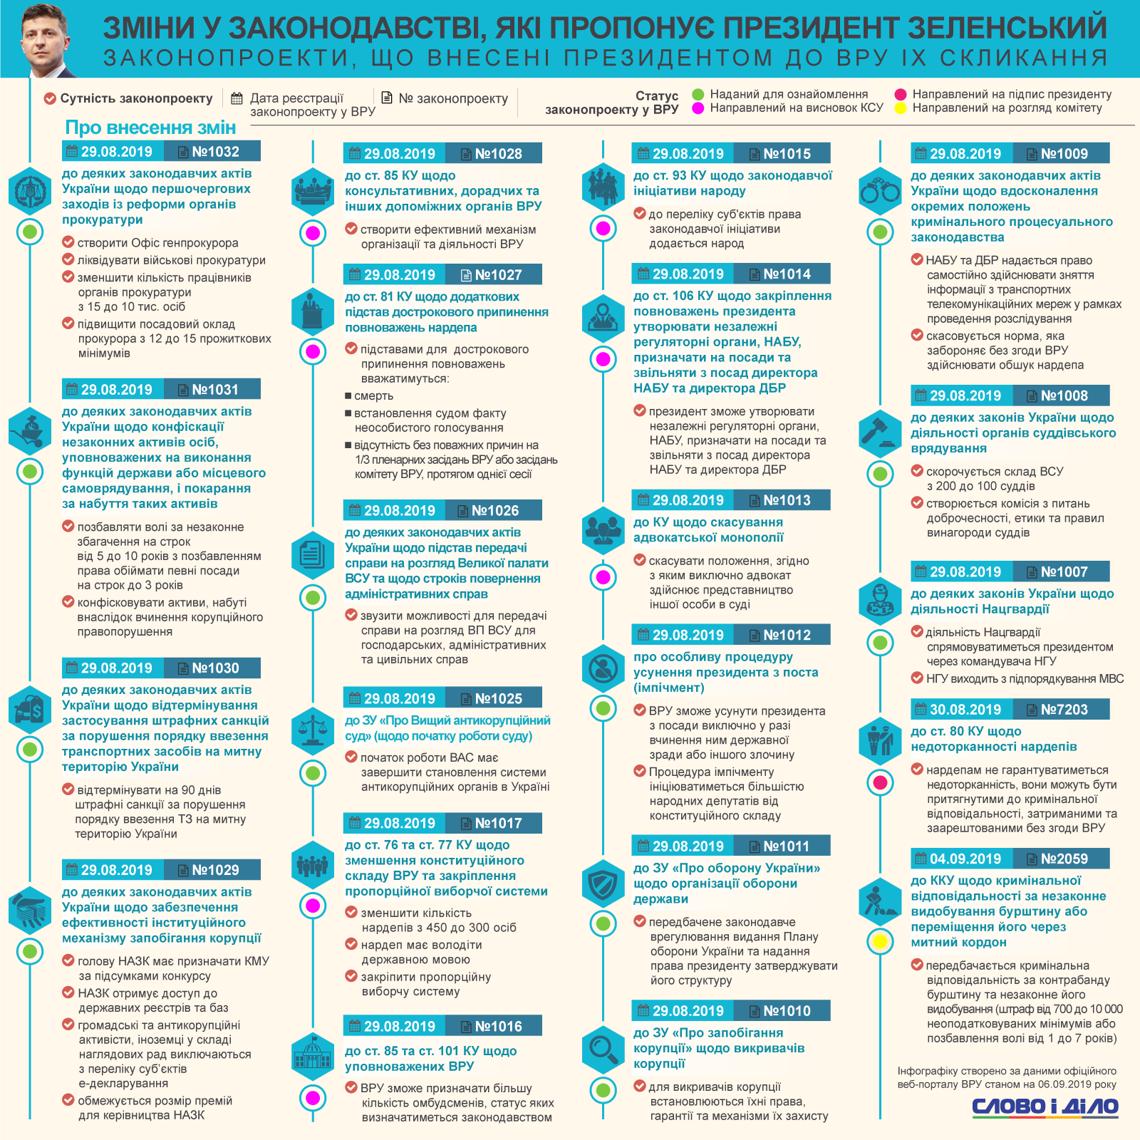 Законопроекты Зеленского: какие изменения президент предложил Раде